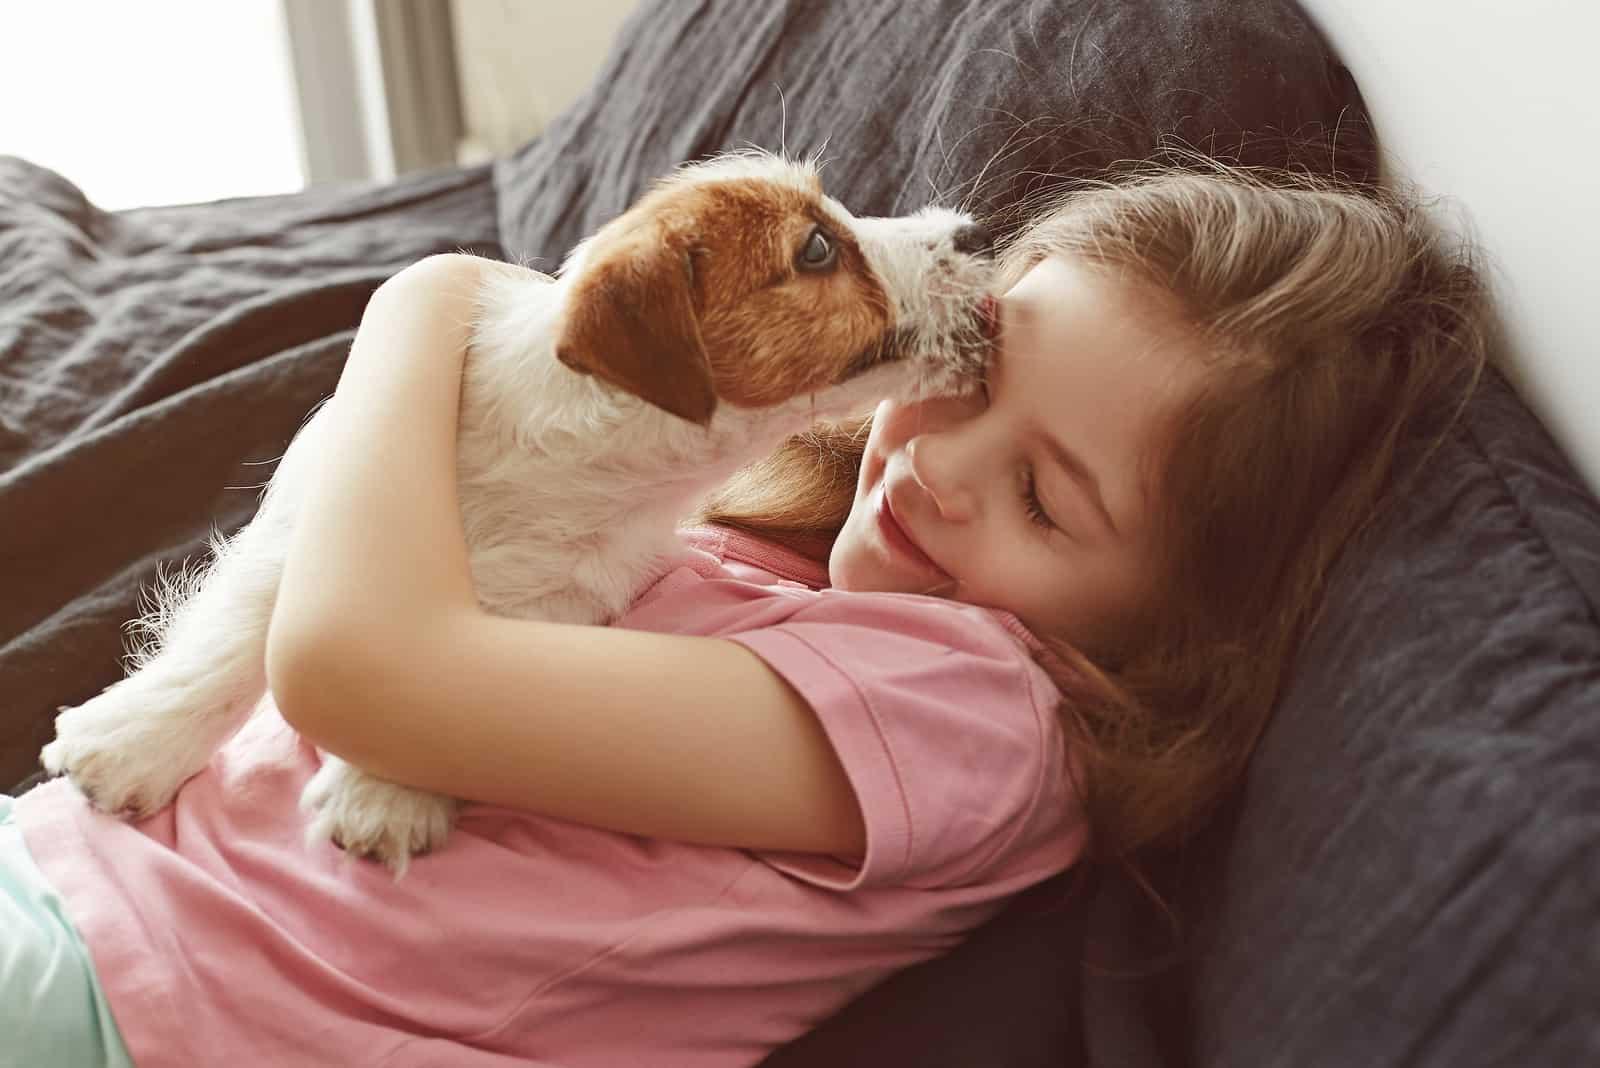 Jack Russell Terrier Welpe leckt das Gesicht des kleinen Kindes